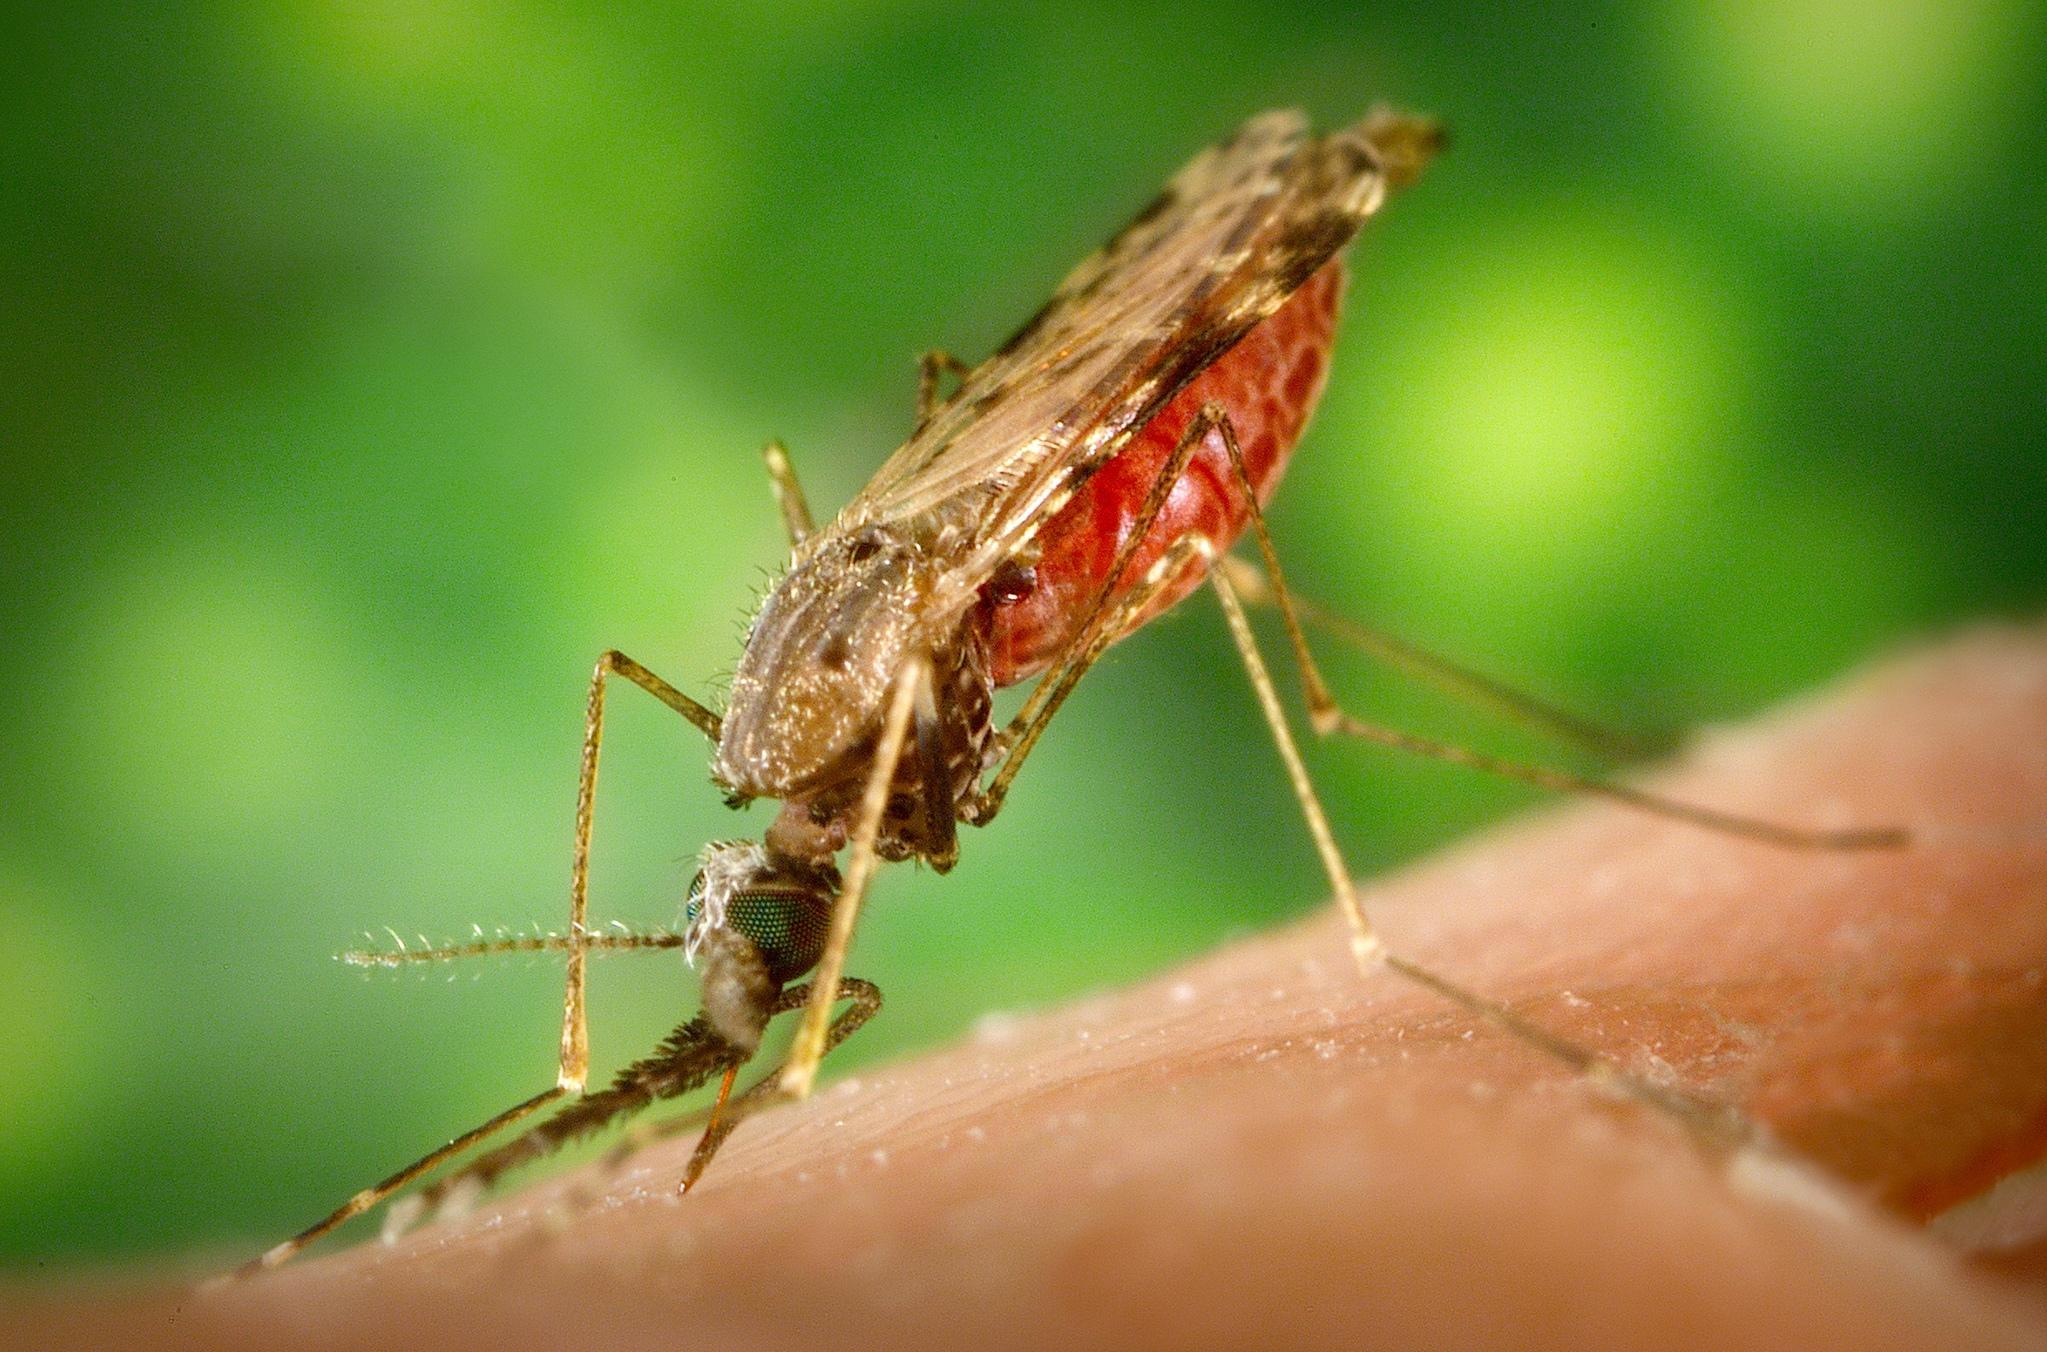 말라리아를 옮기는 모기 [중앙포토]